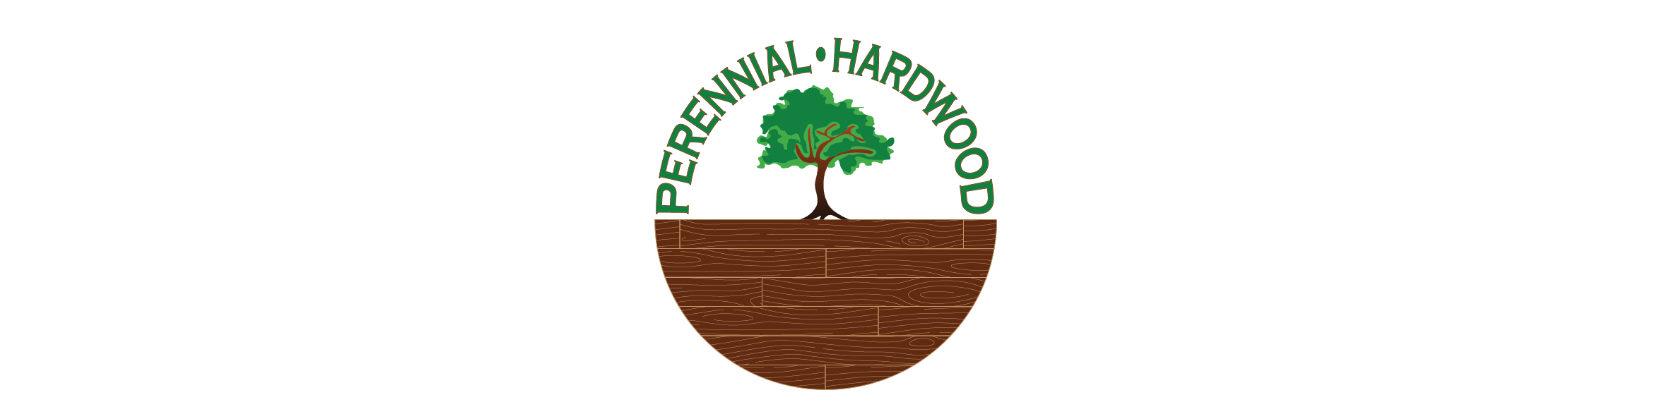 Perennial Hardwood